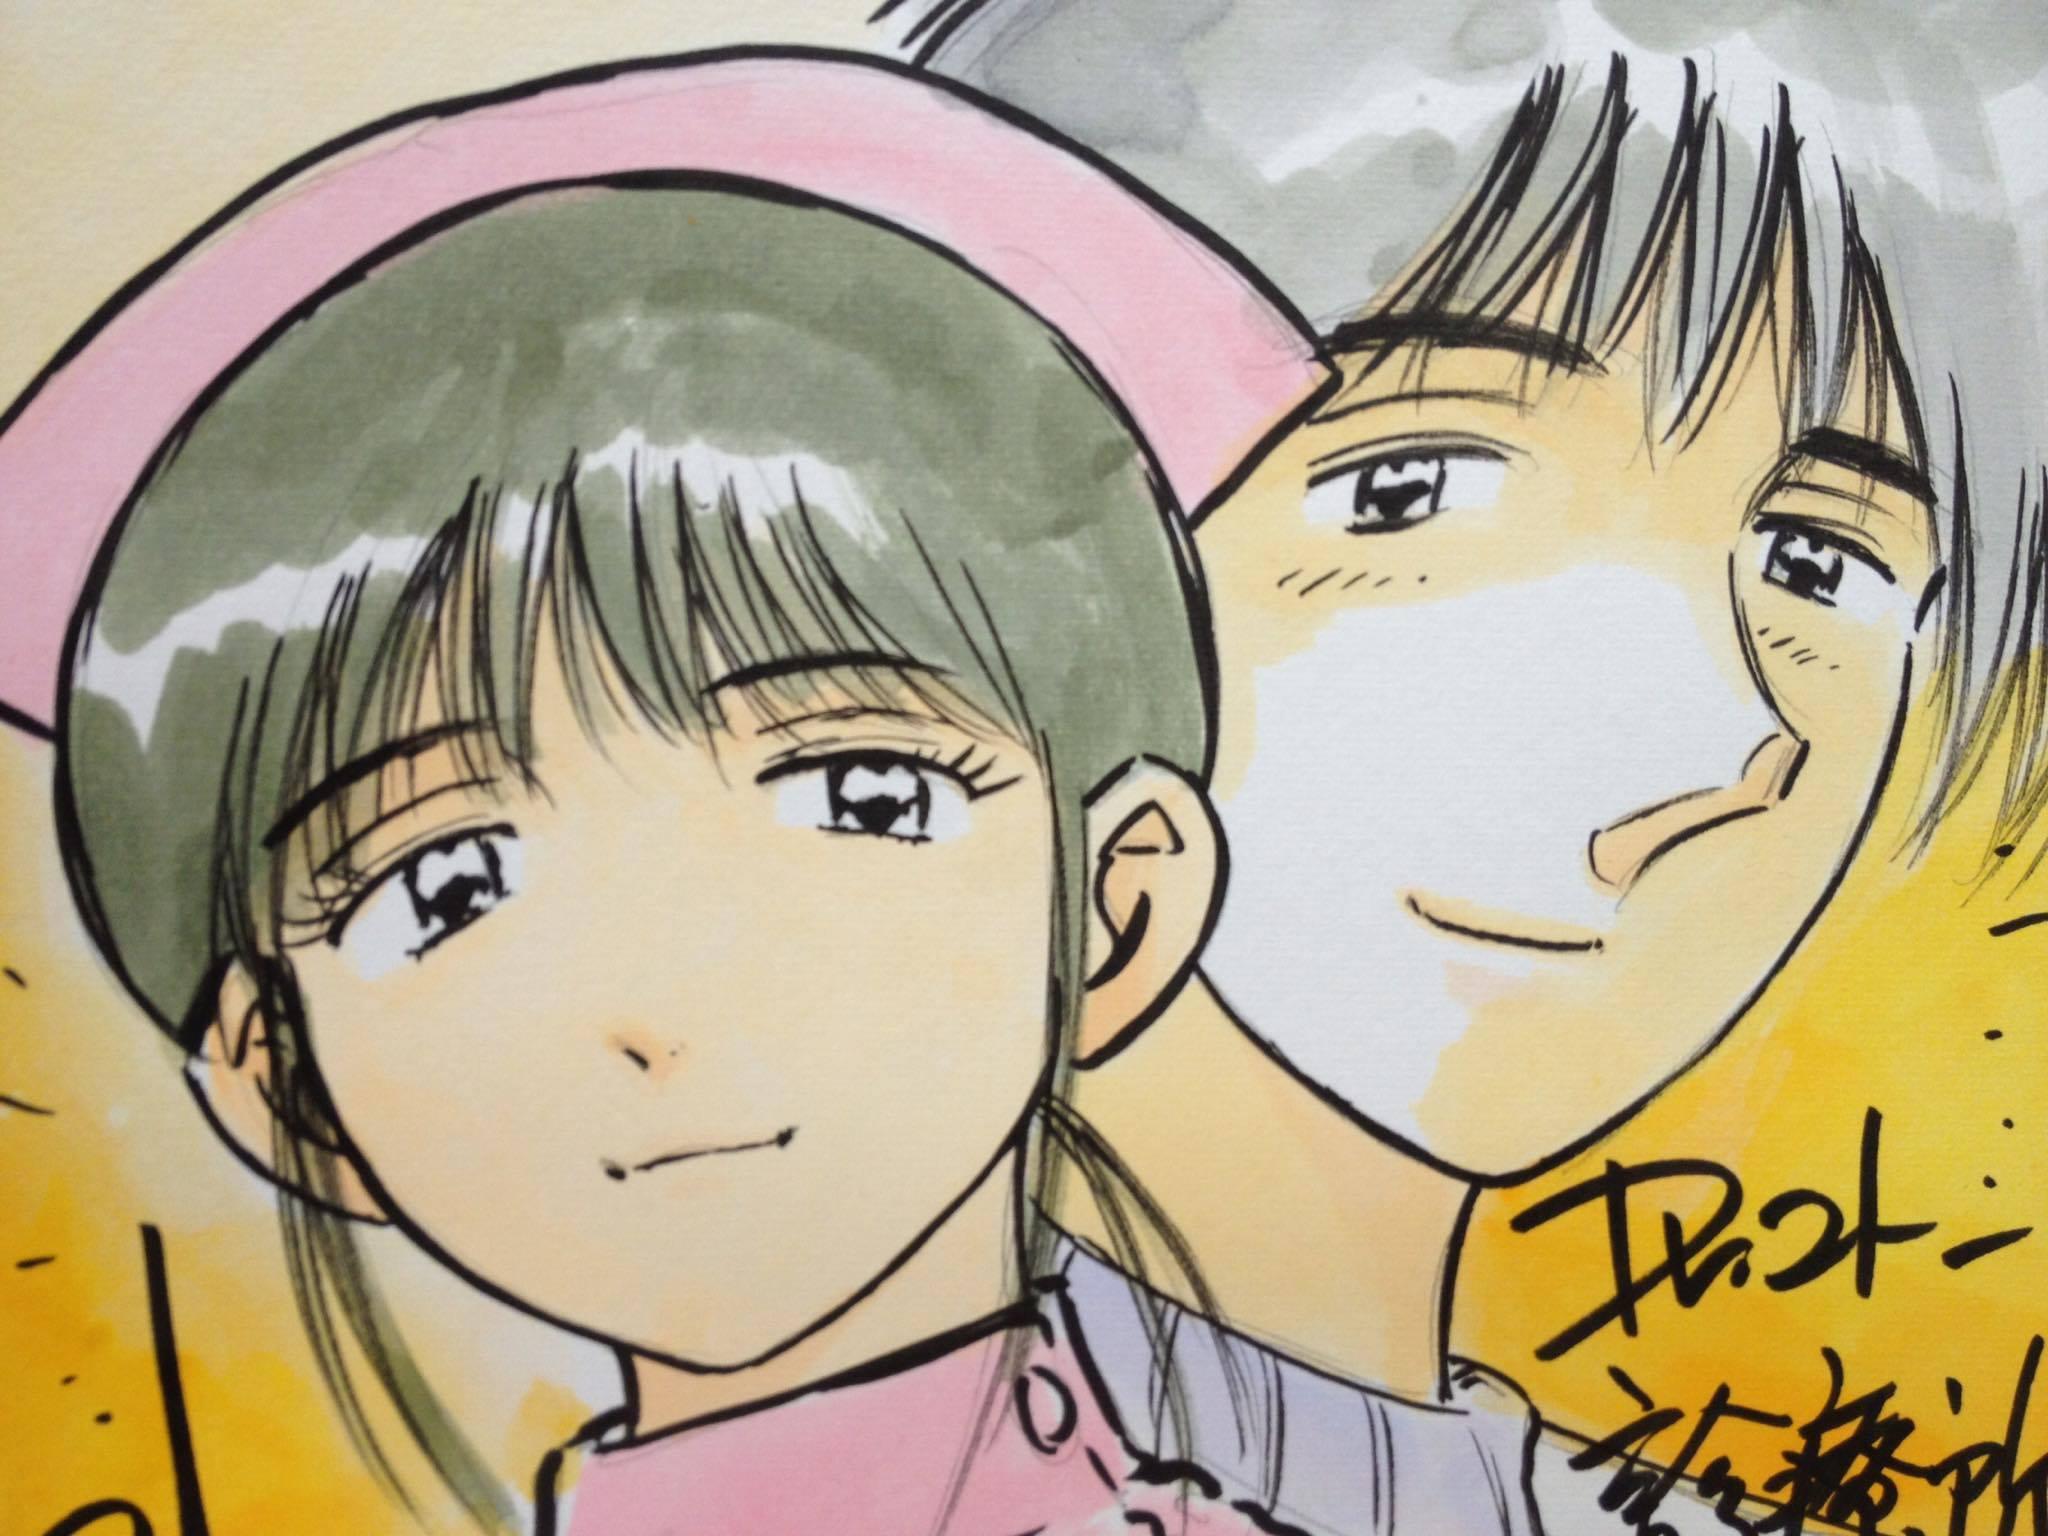 笠松町アイデソン「新アニメの聖地と呼ばれる岐阜。笠松発のアニメを考えよう」開催のお知らせ